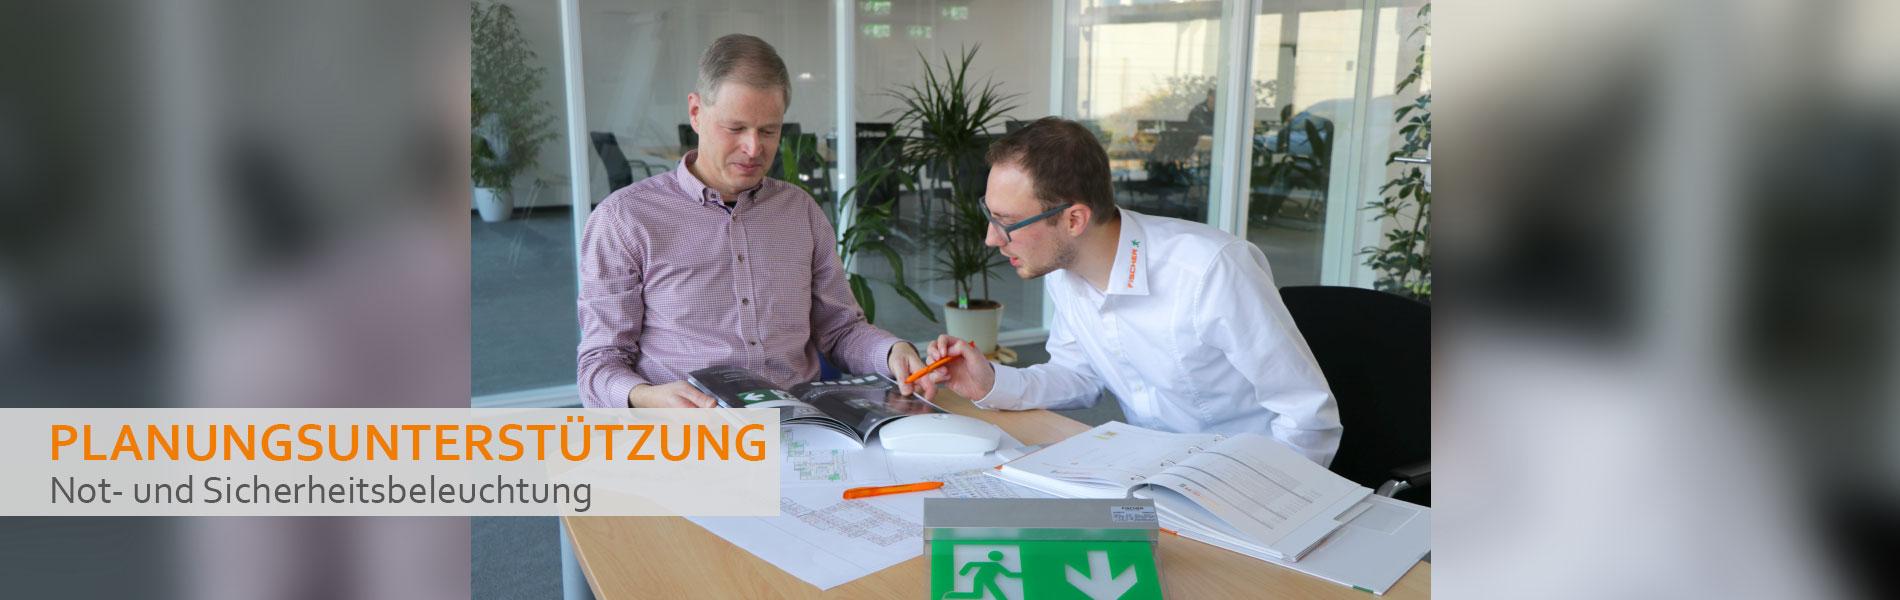 Landingpage Banner Fi-Planungsunterstützung